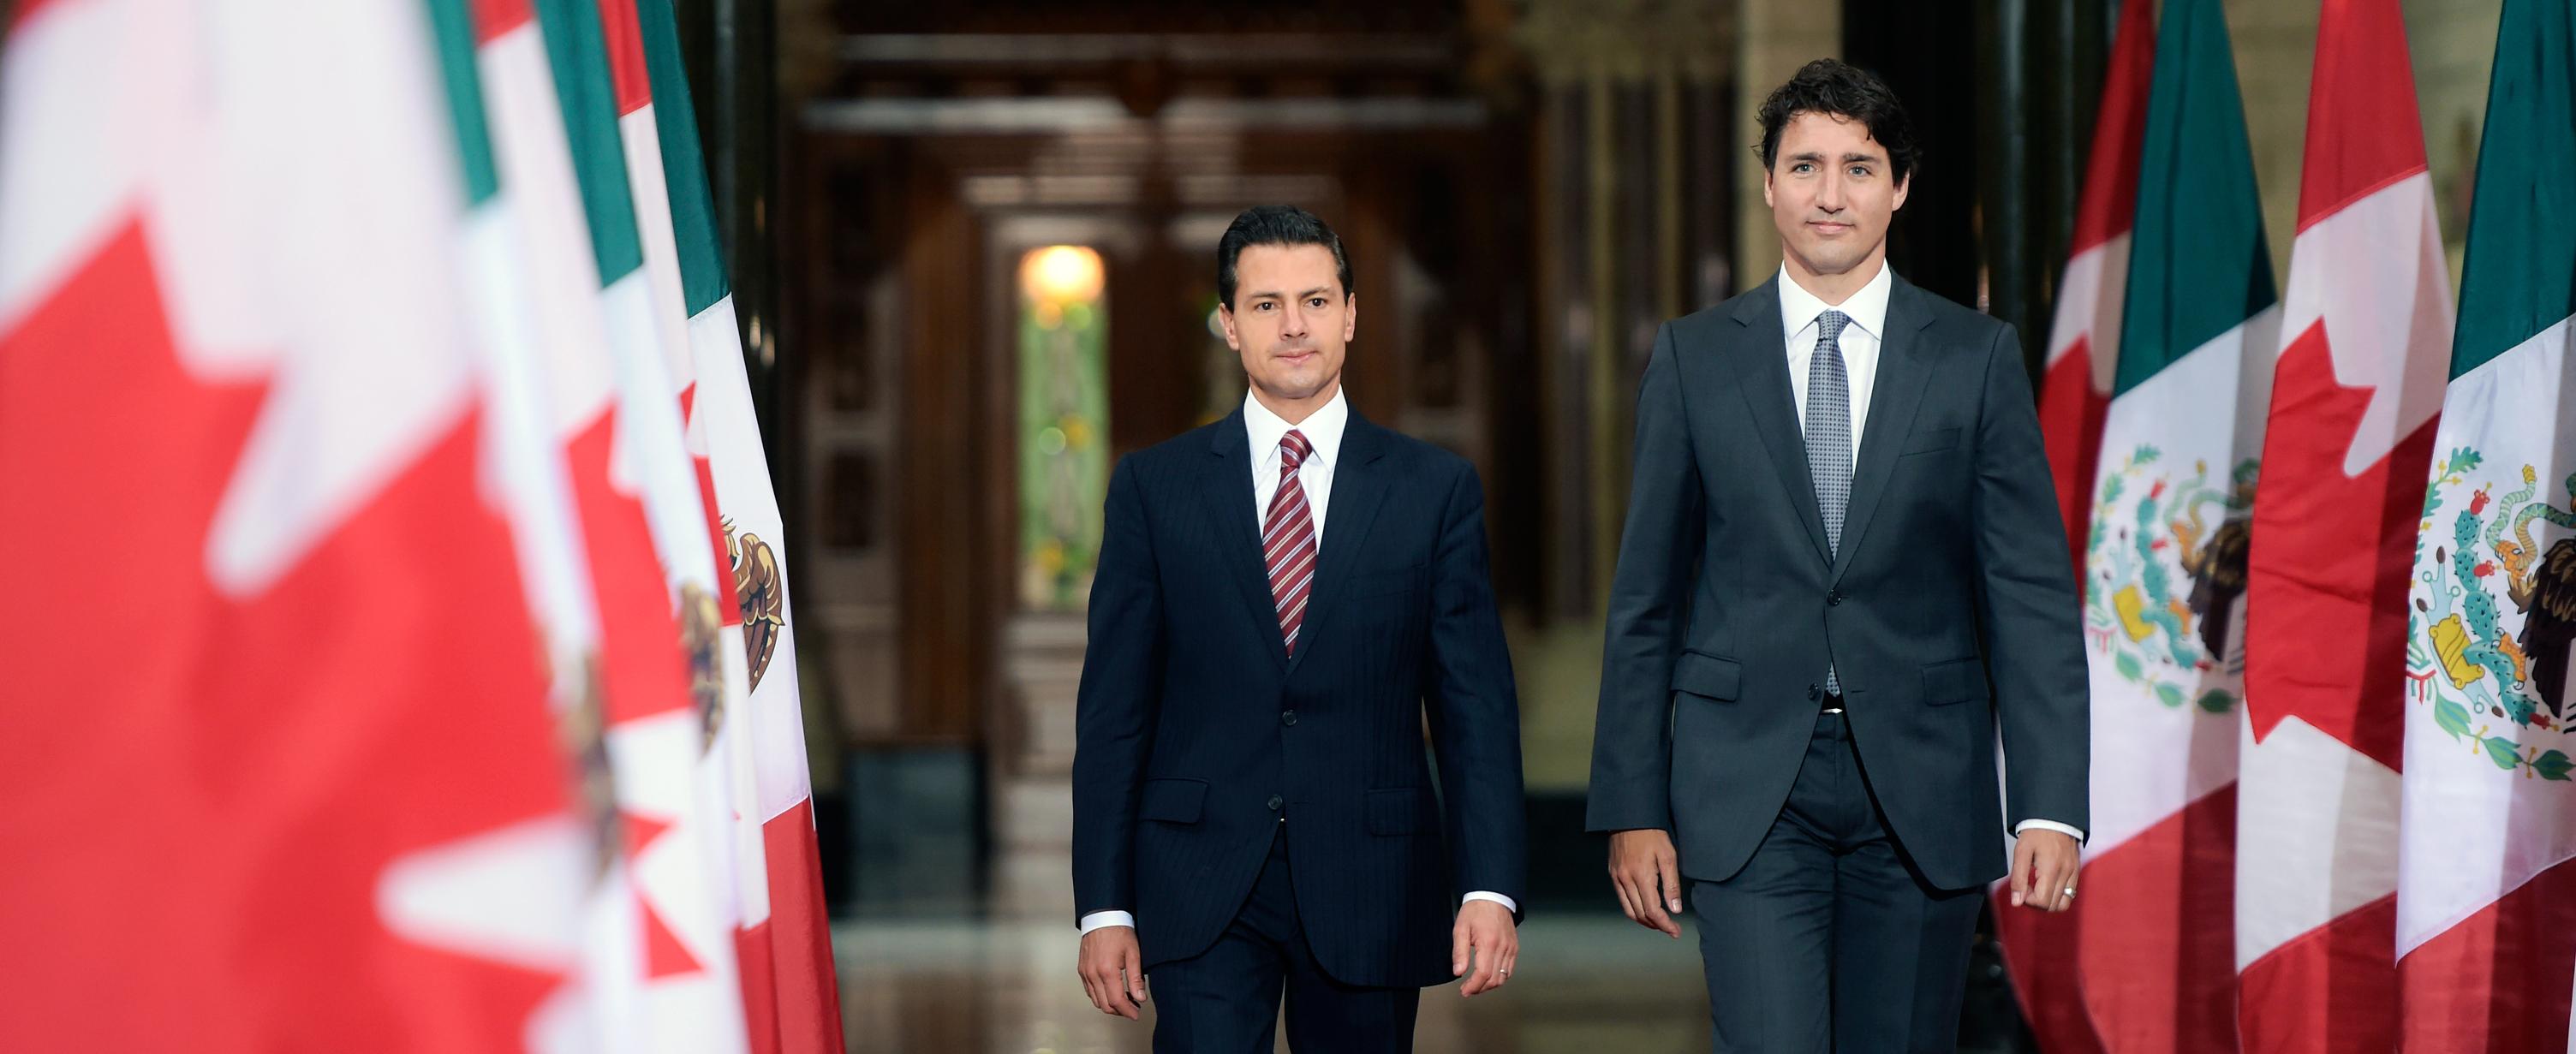 Presidencia de la República Mexicana